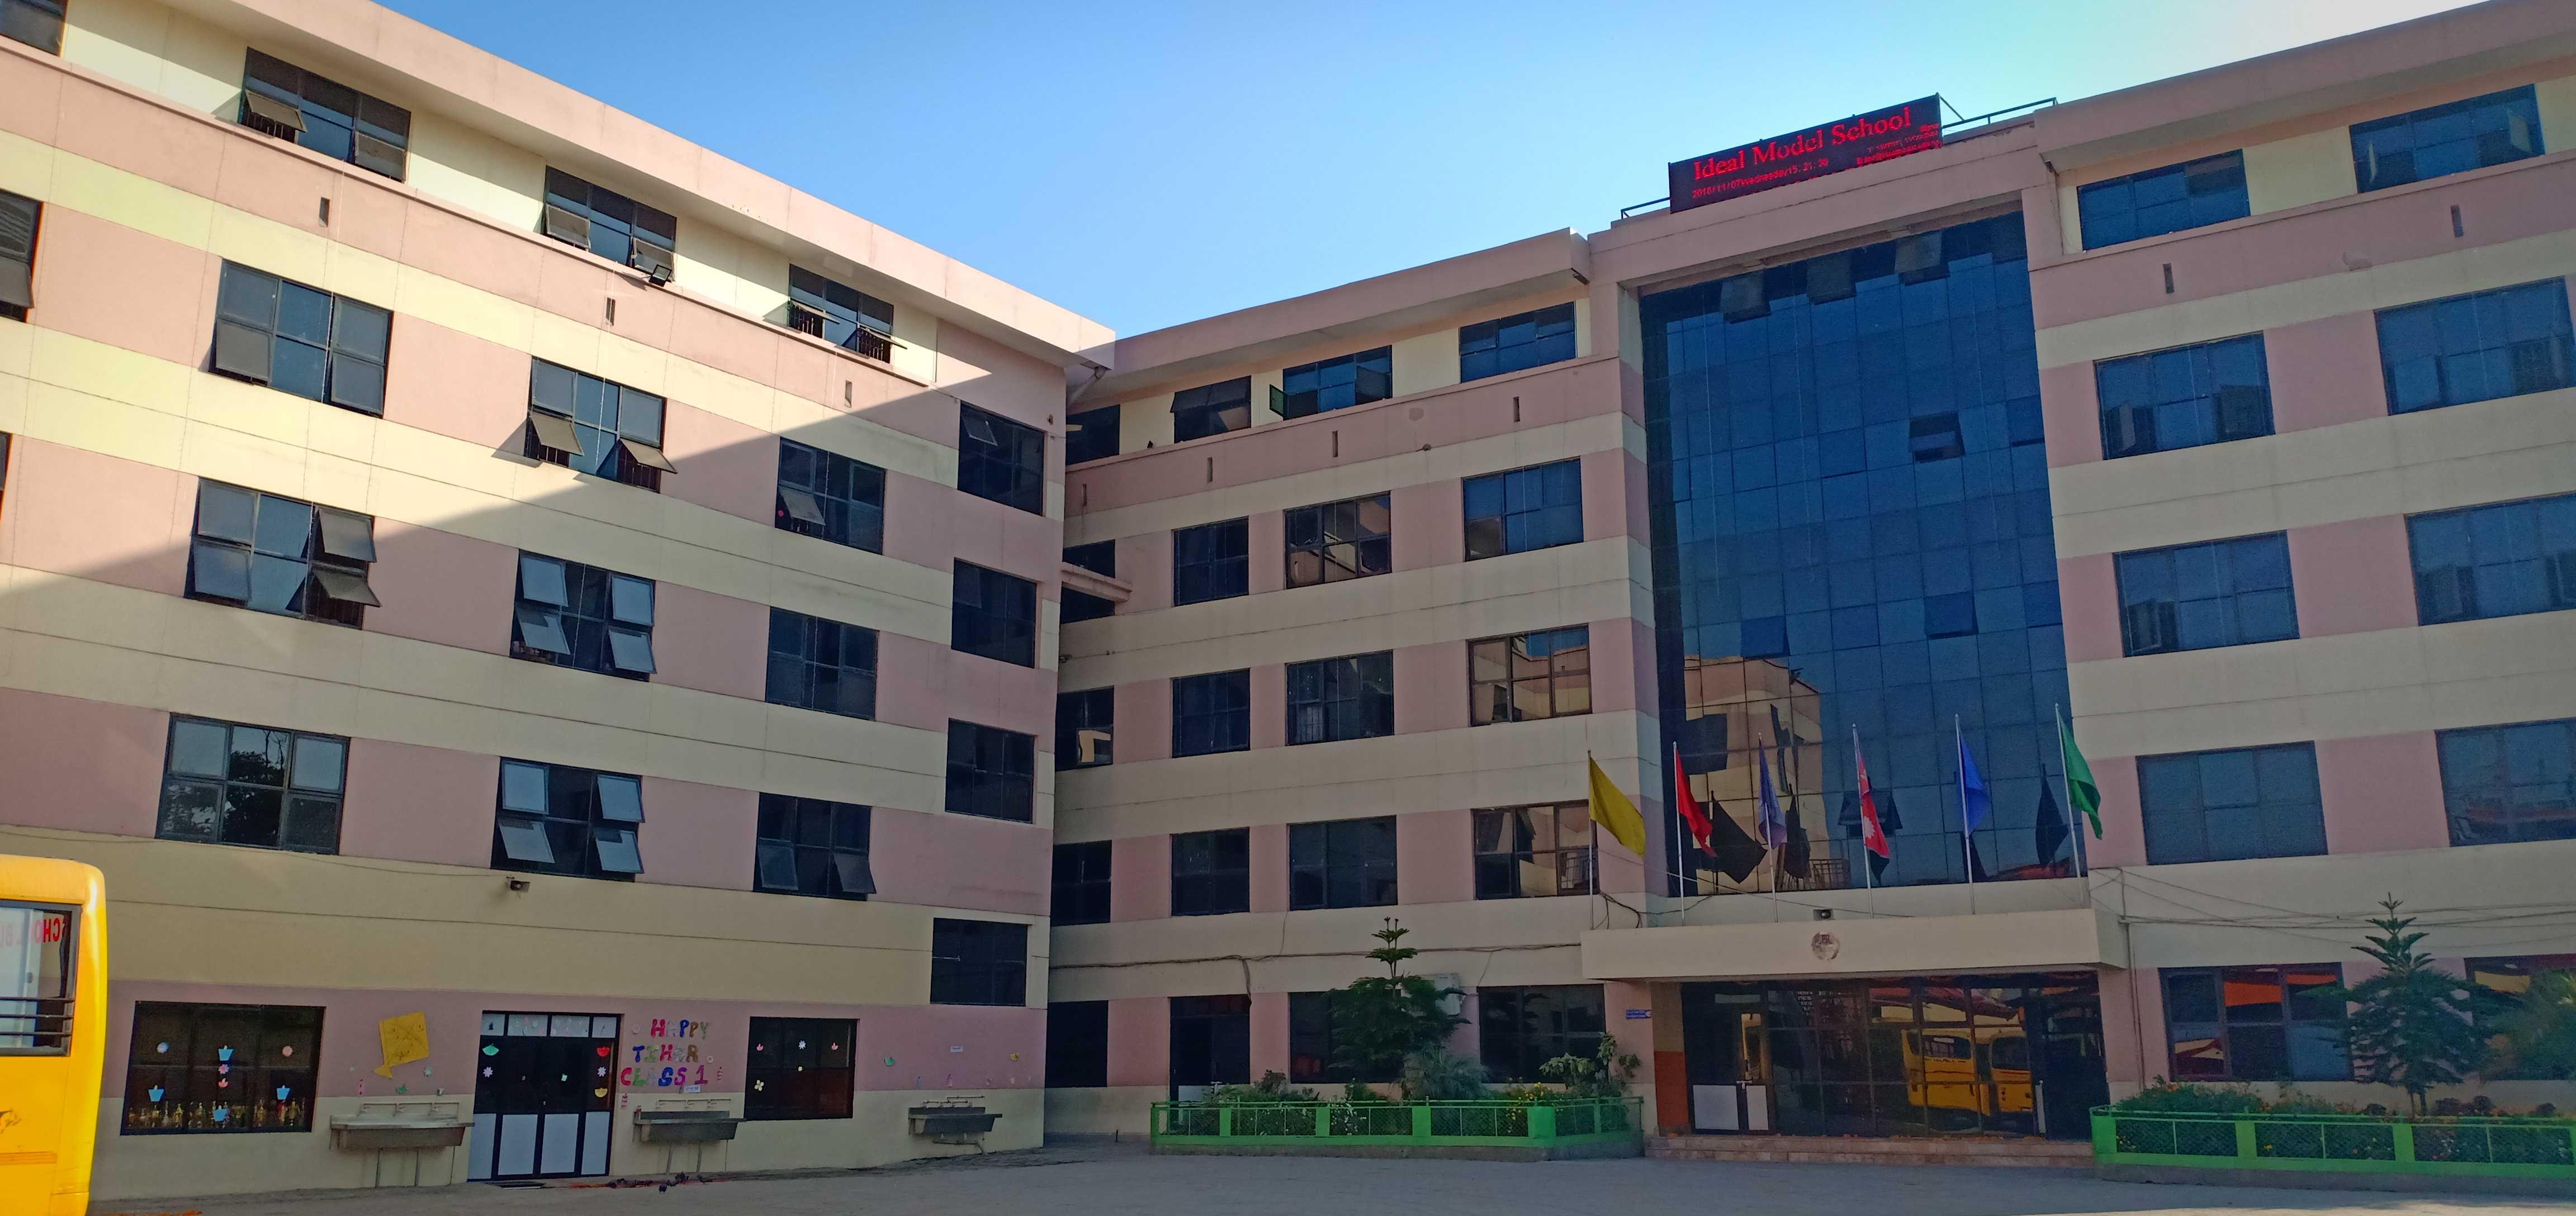 Photo of School.